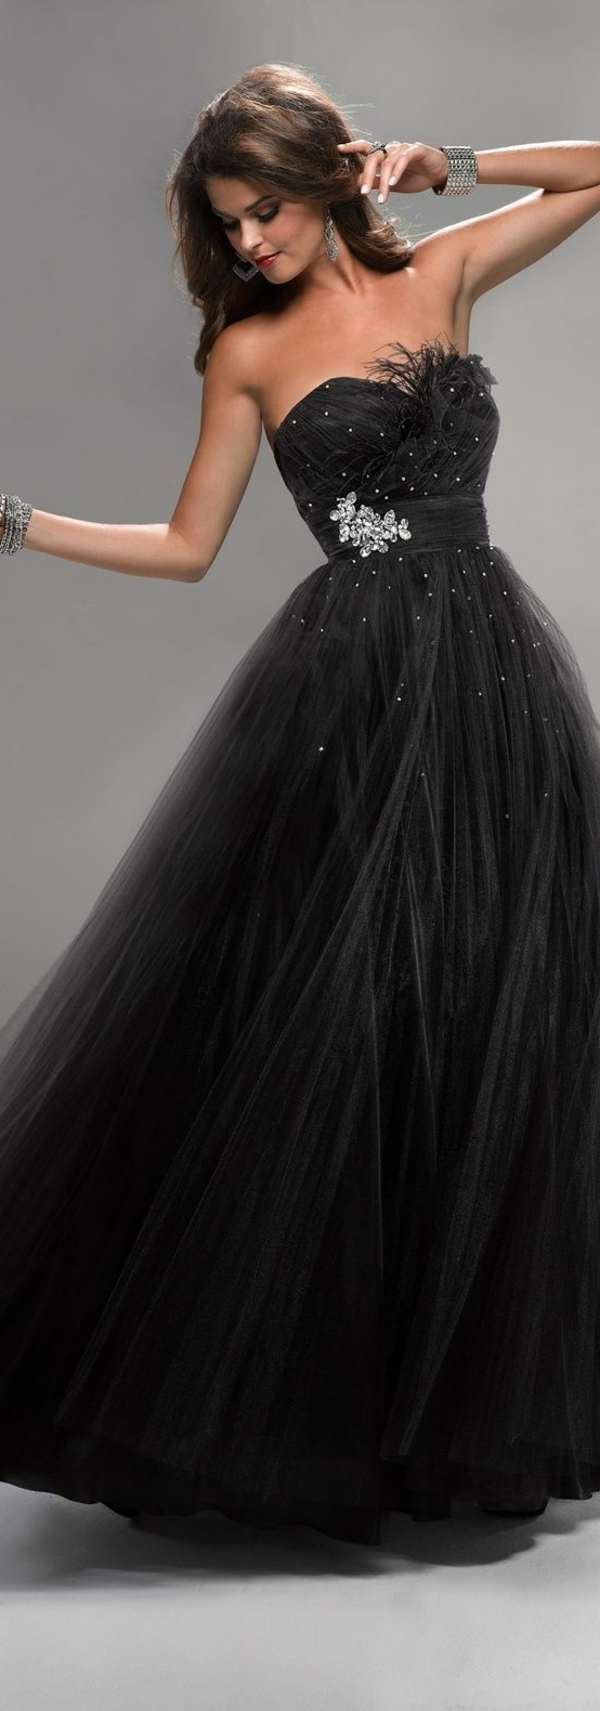 La robe bustier comment la porter - Robe pour bal de promo ...